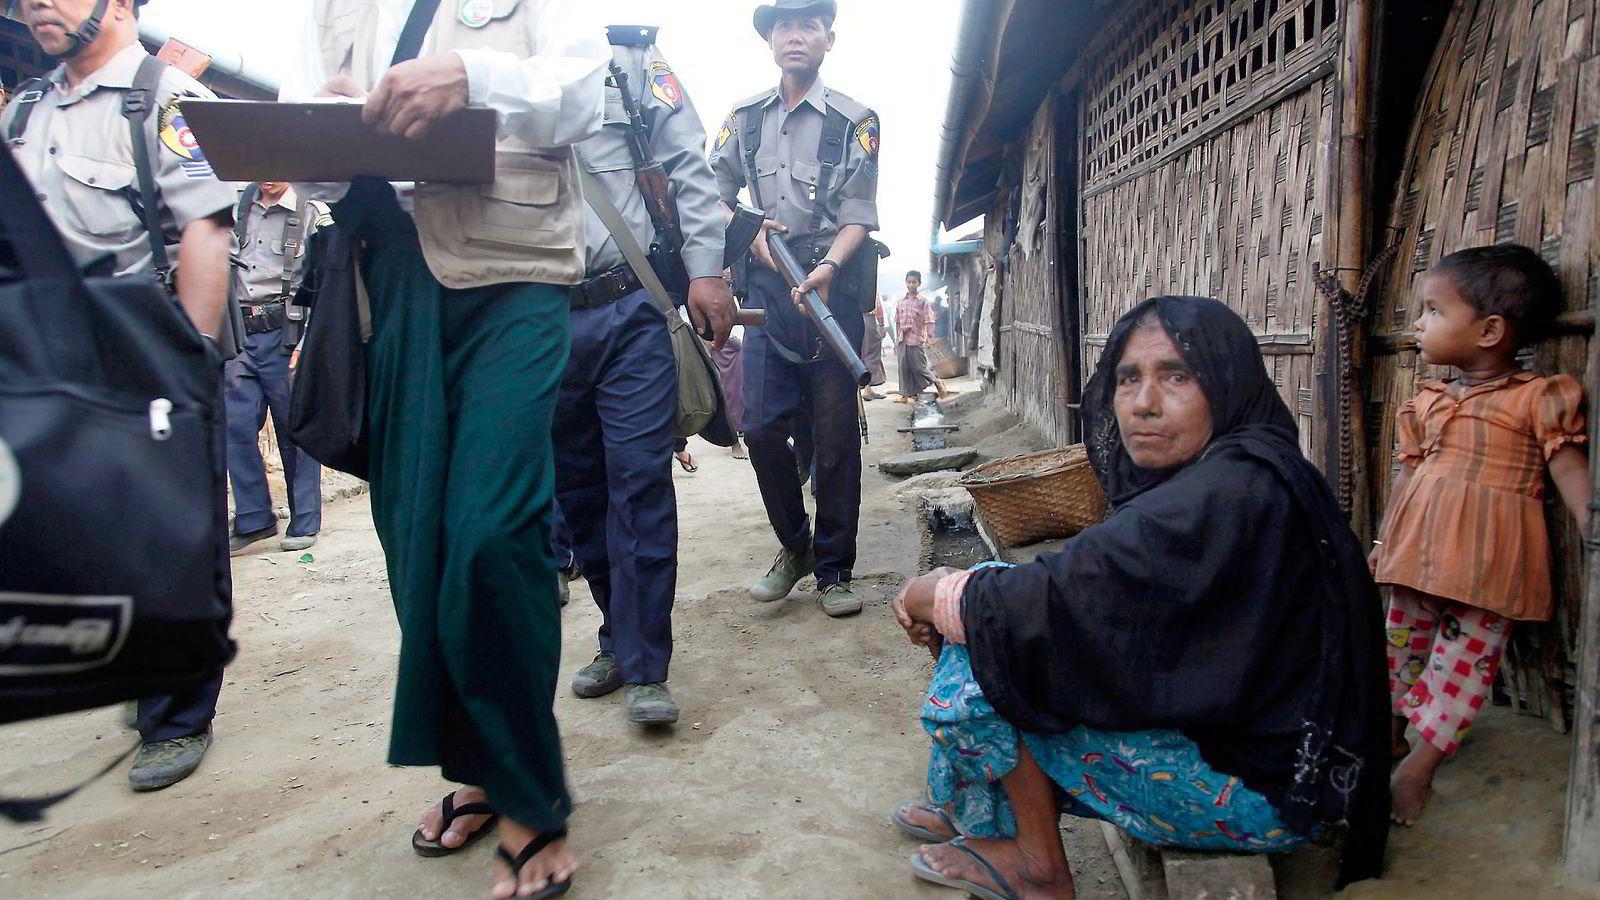 POLITIBESKYTTELSE. Offentlig ansatte måtte ha politibeskyttelse da de i april foretok folketelling i Dar Paing-flyktningleiren nær Sittwe i Myanmar. Foto: Khin Maung Win, AP/NTB Scanpix